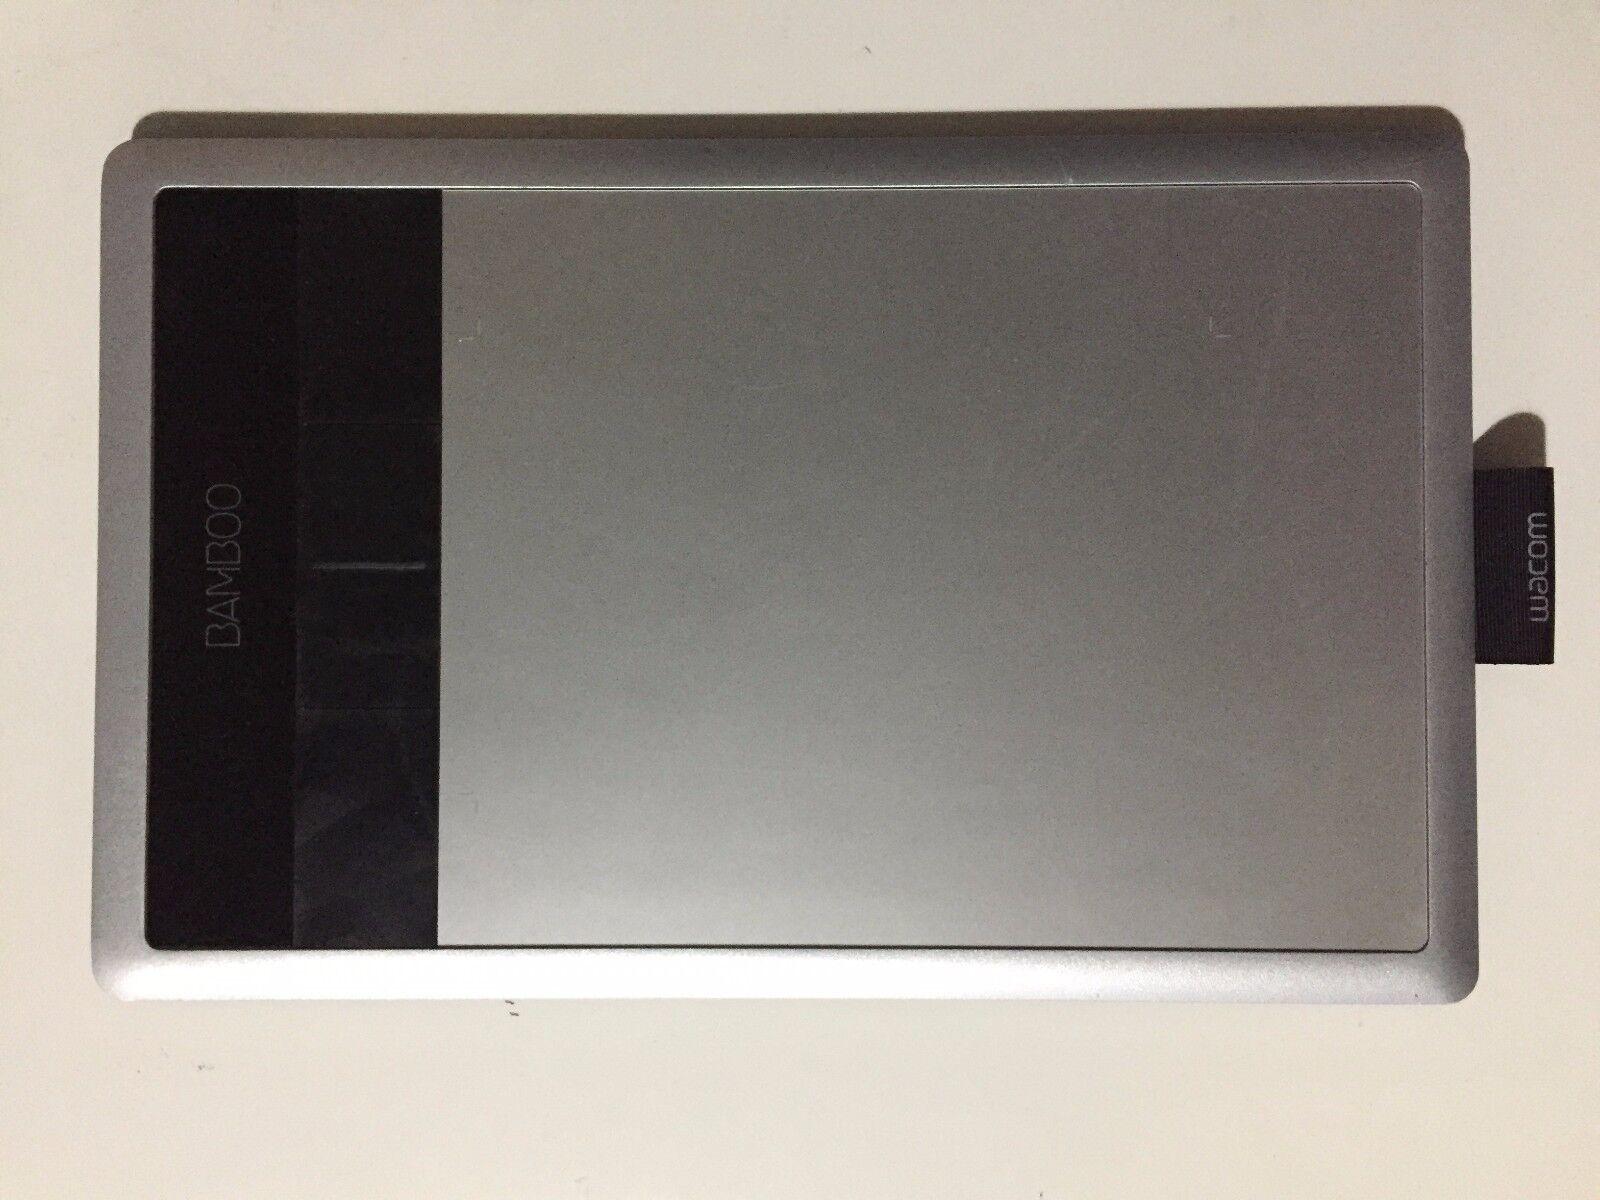 Tavoletta grafica Wacom CTH 470 pen & touch possibilità modulo WIFI e batteria